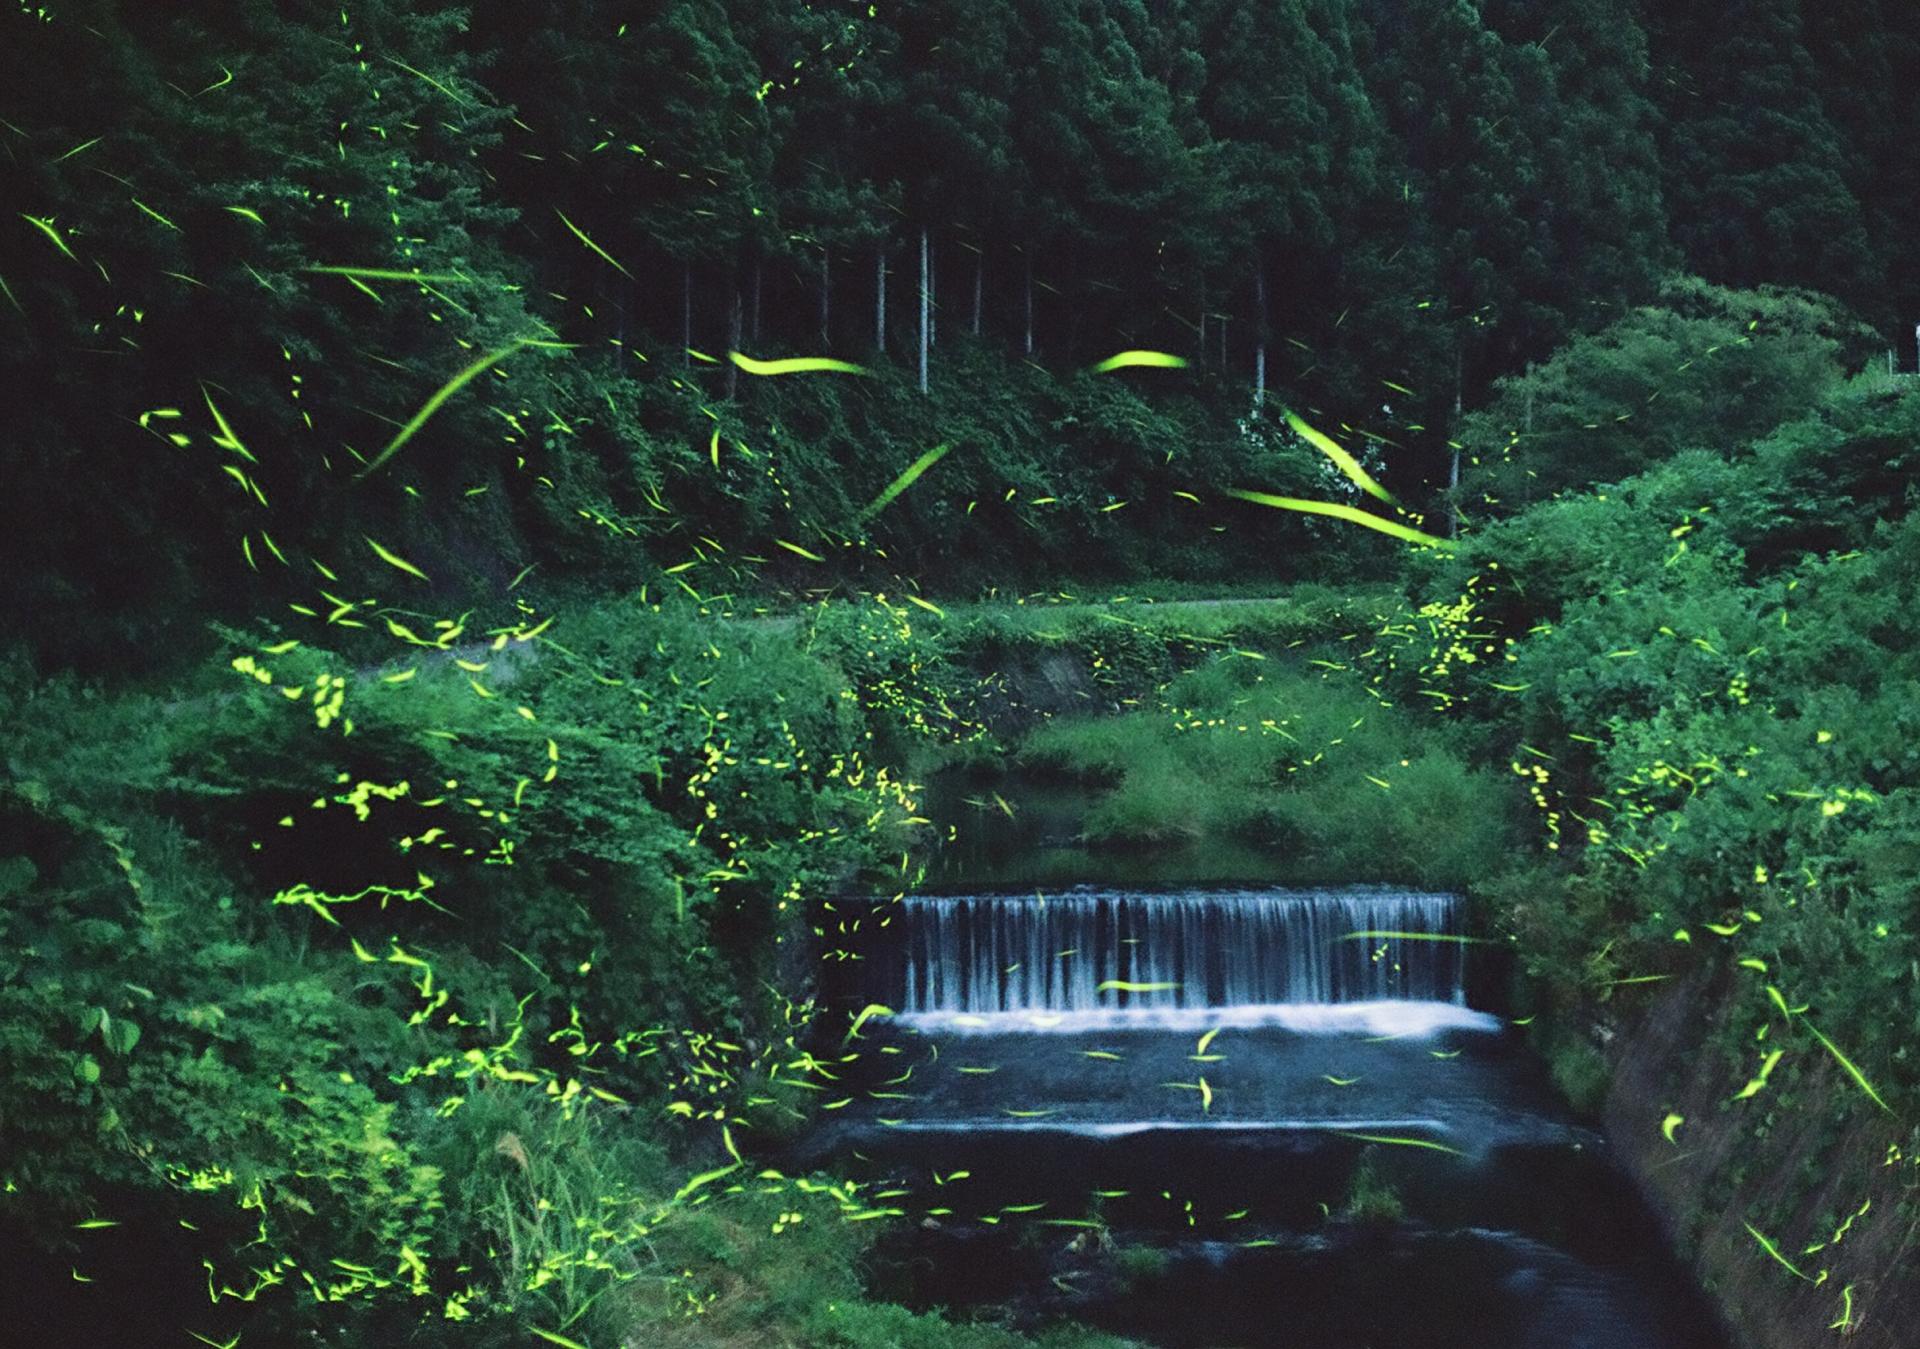 岡山のホタル名所~矢掛町宇内ホタル公園と周辺の川に蛍を見に行こう